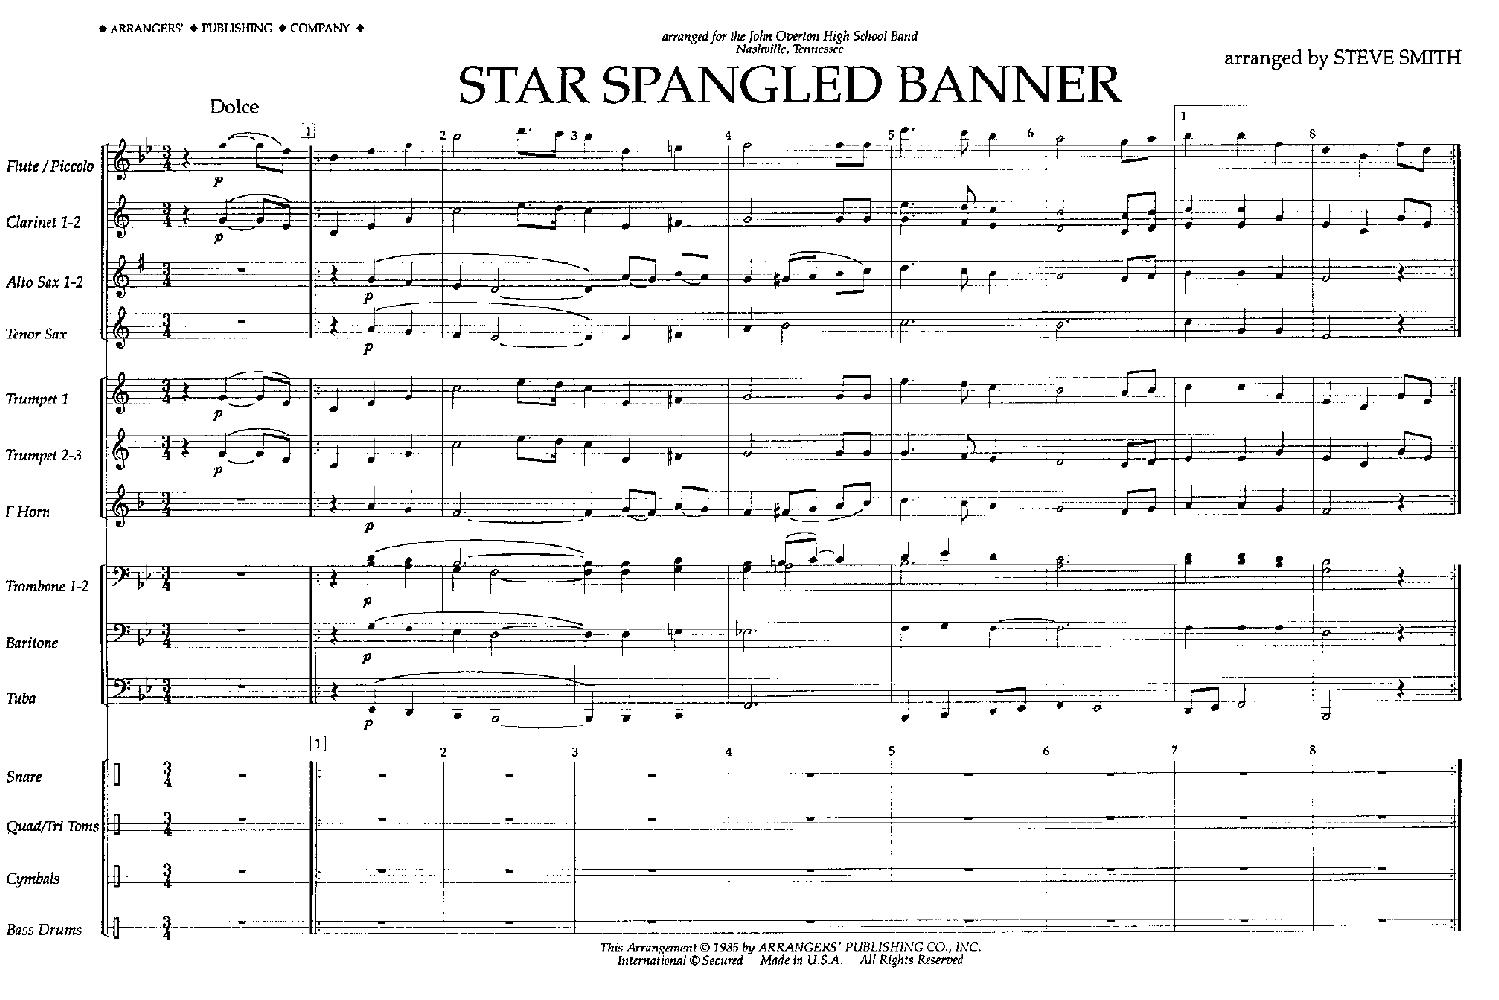 Star Spangled Banner arr  Steve Smith| J W  Pepper Sheet